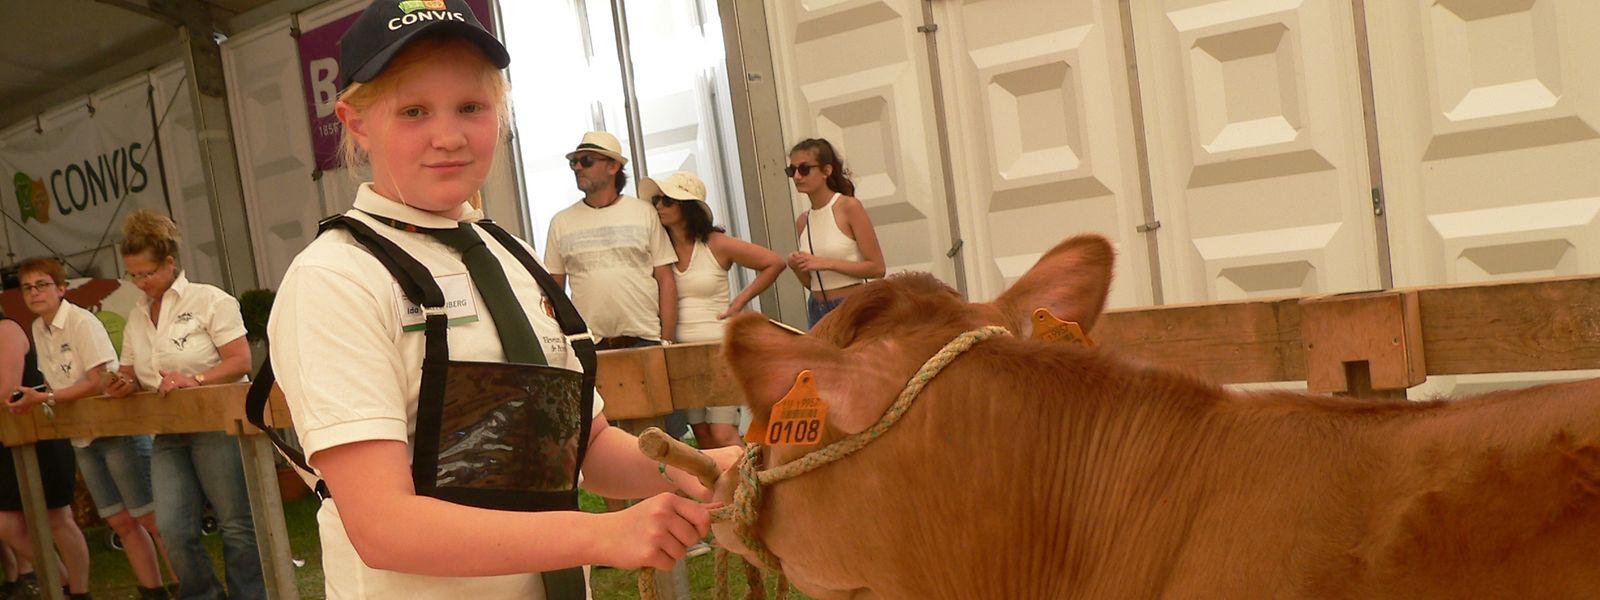 Die Ettelbrücker Foire agricole fühte die Luxemburger Landwirtschaft und ihre Leistungen am Wochenende erneut in den Vorführring.